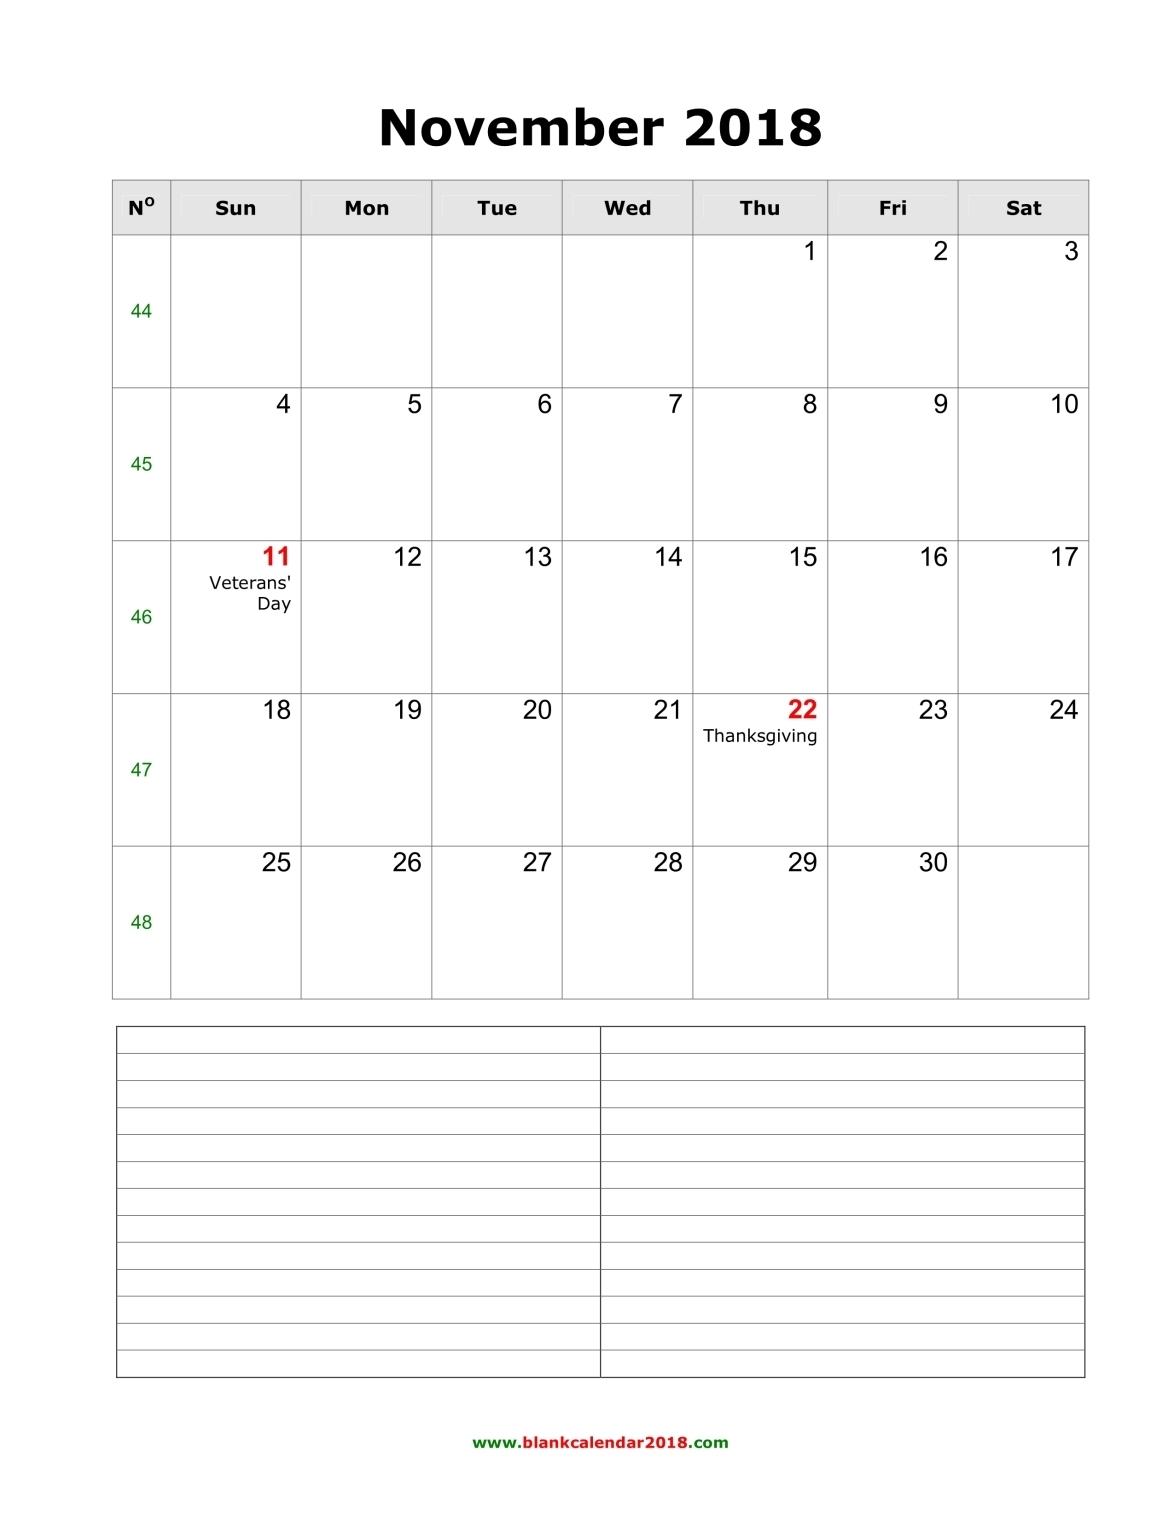 blank calendar for november 2018